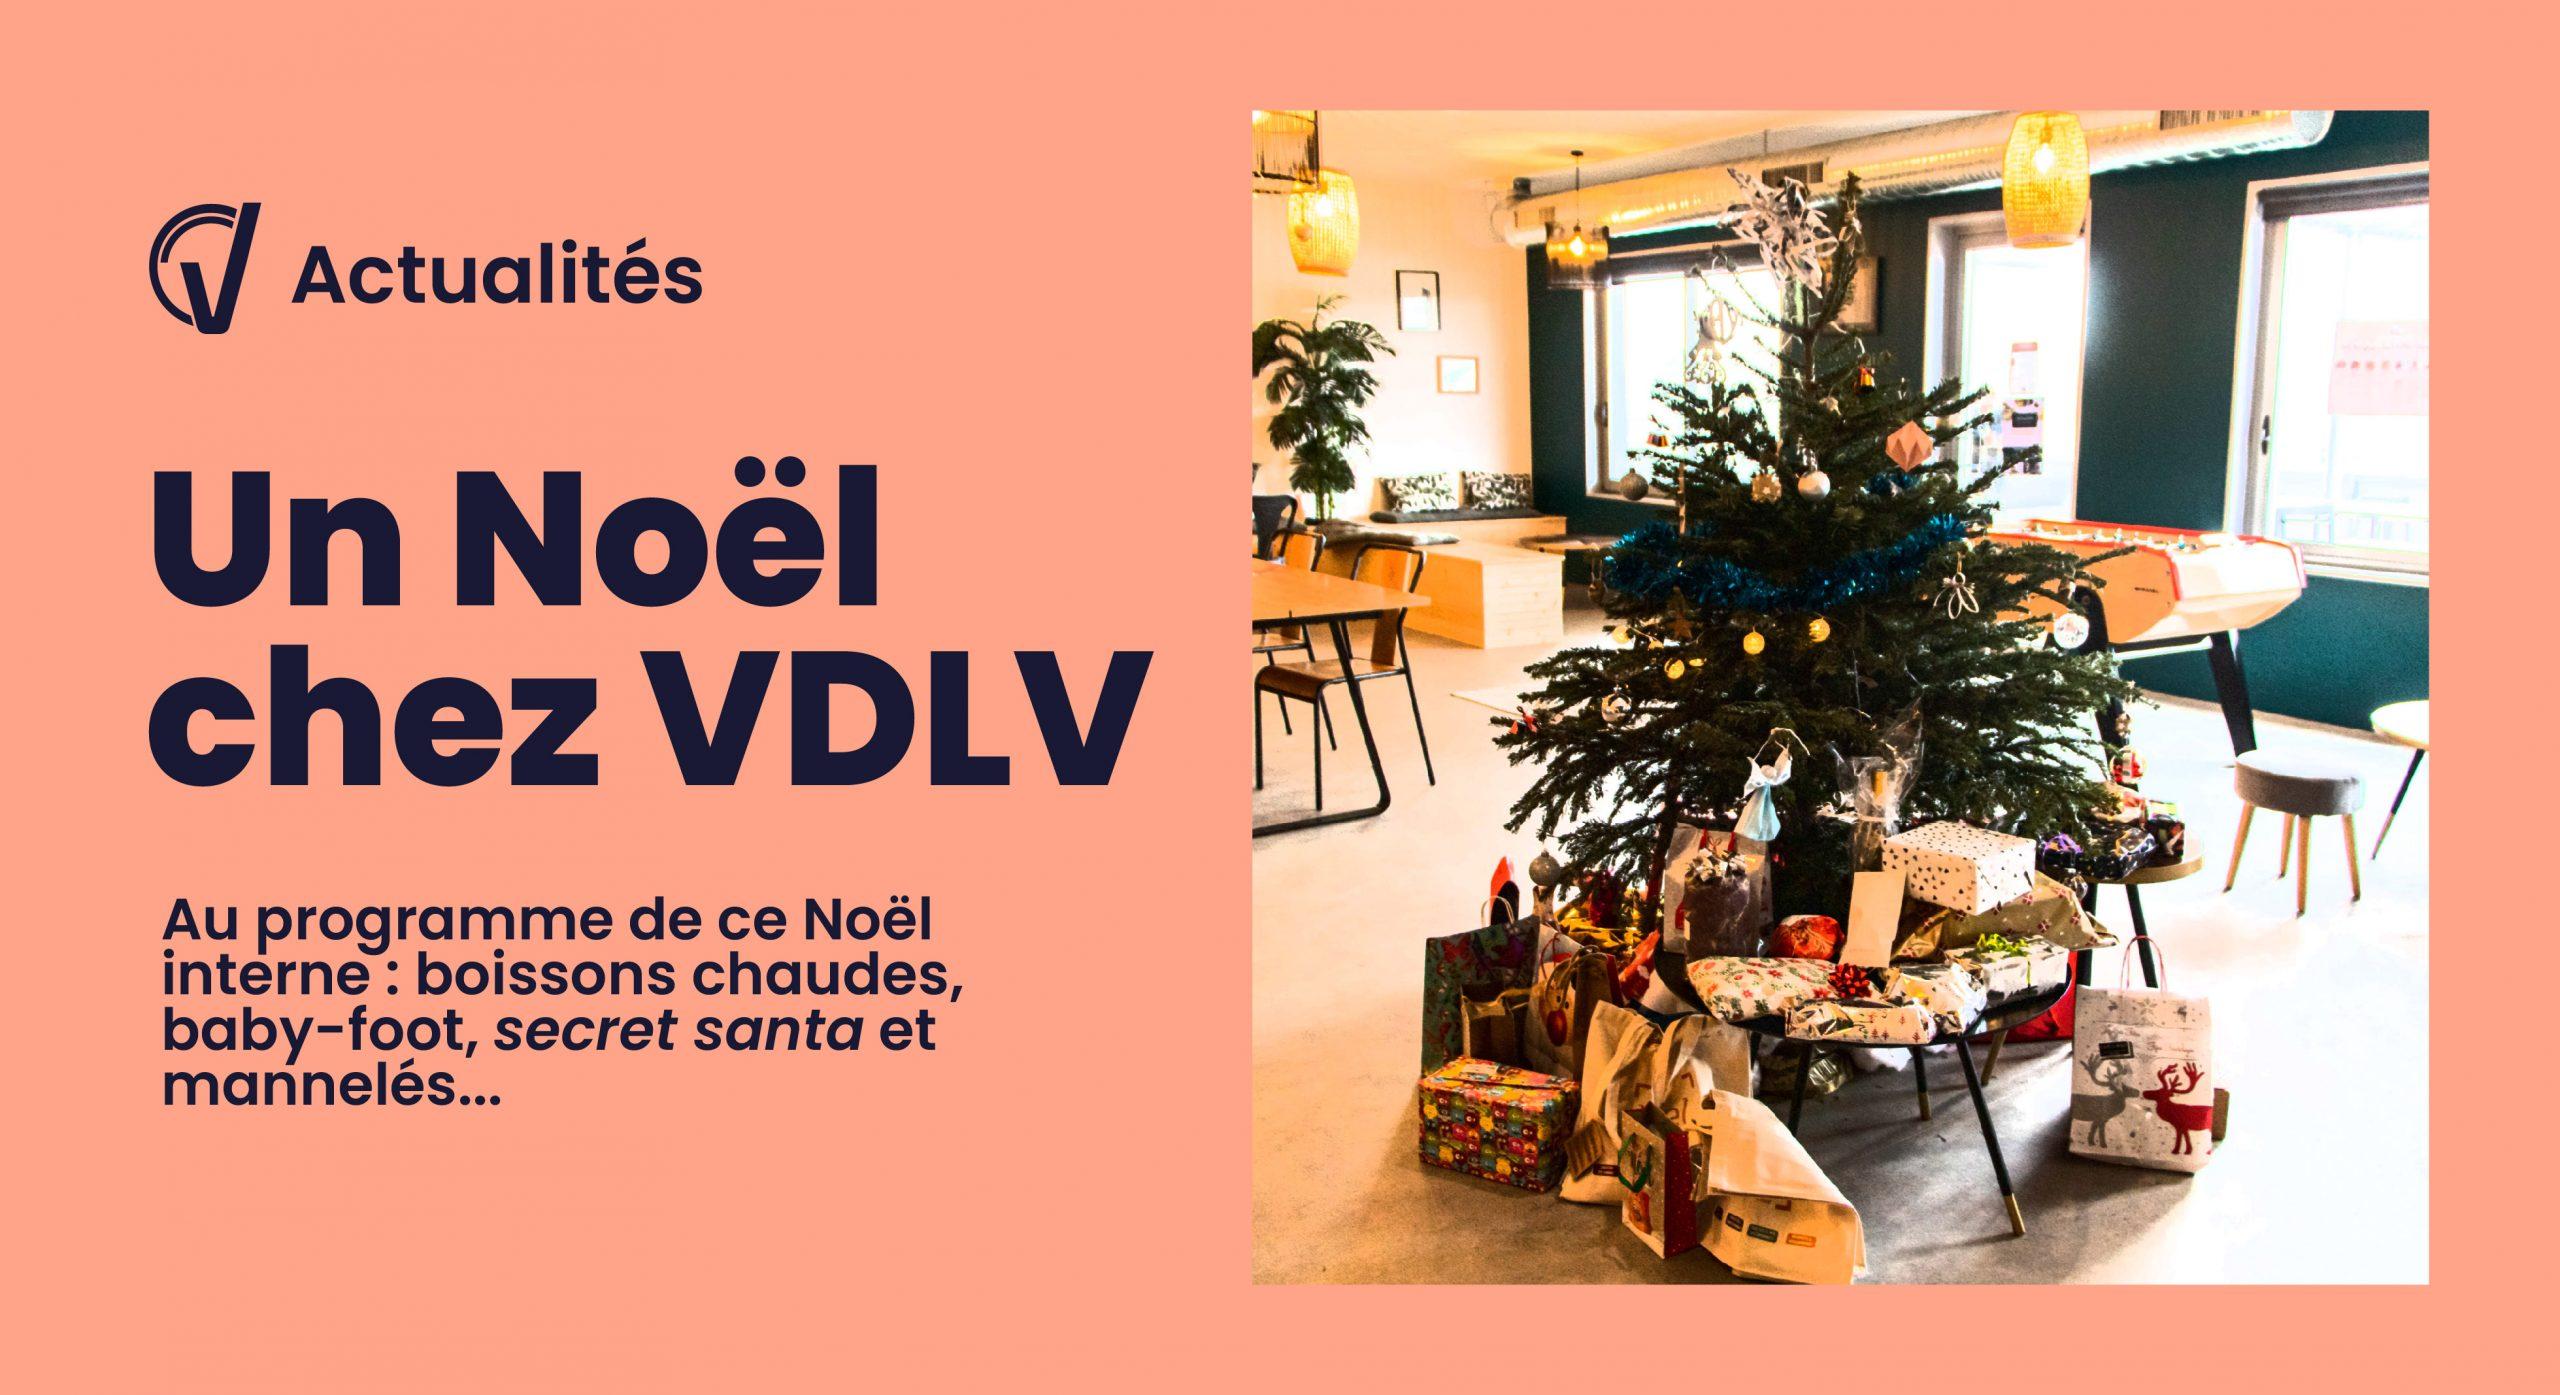 Les équipes de VDLV fêtent Noël.